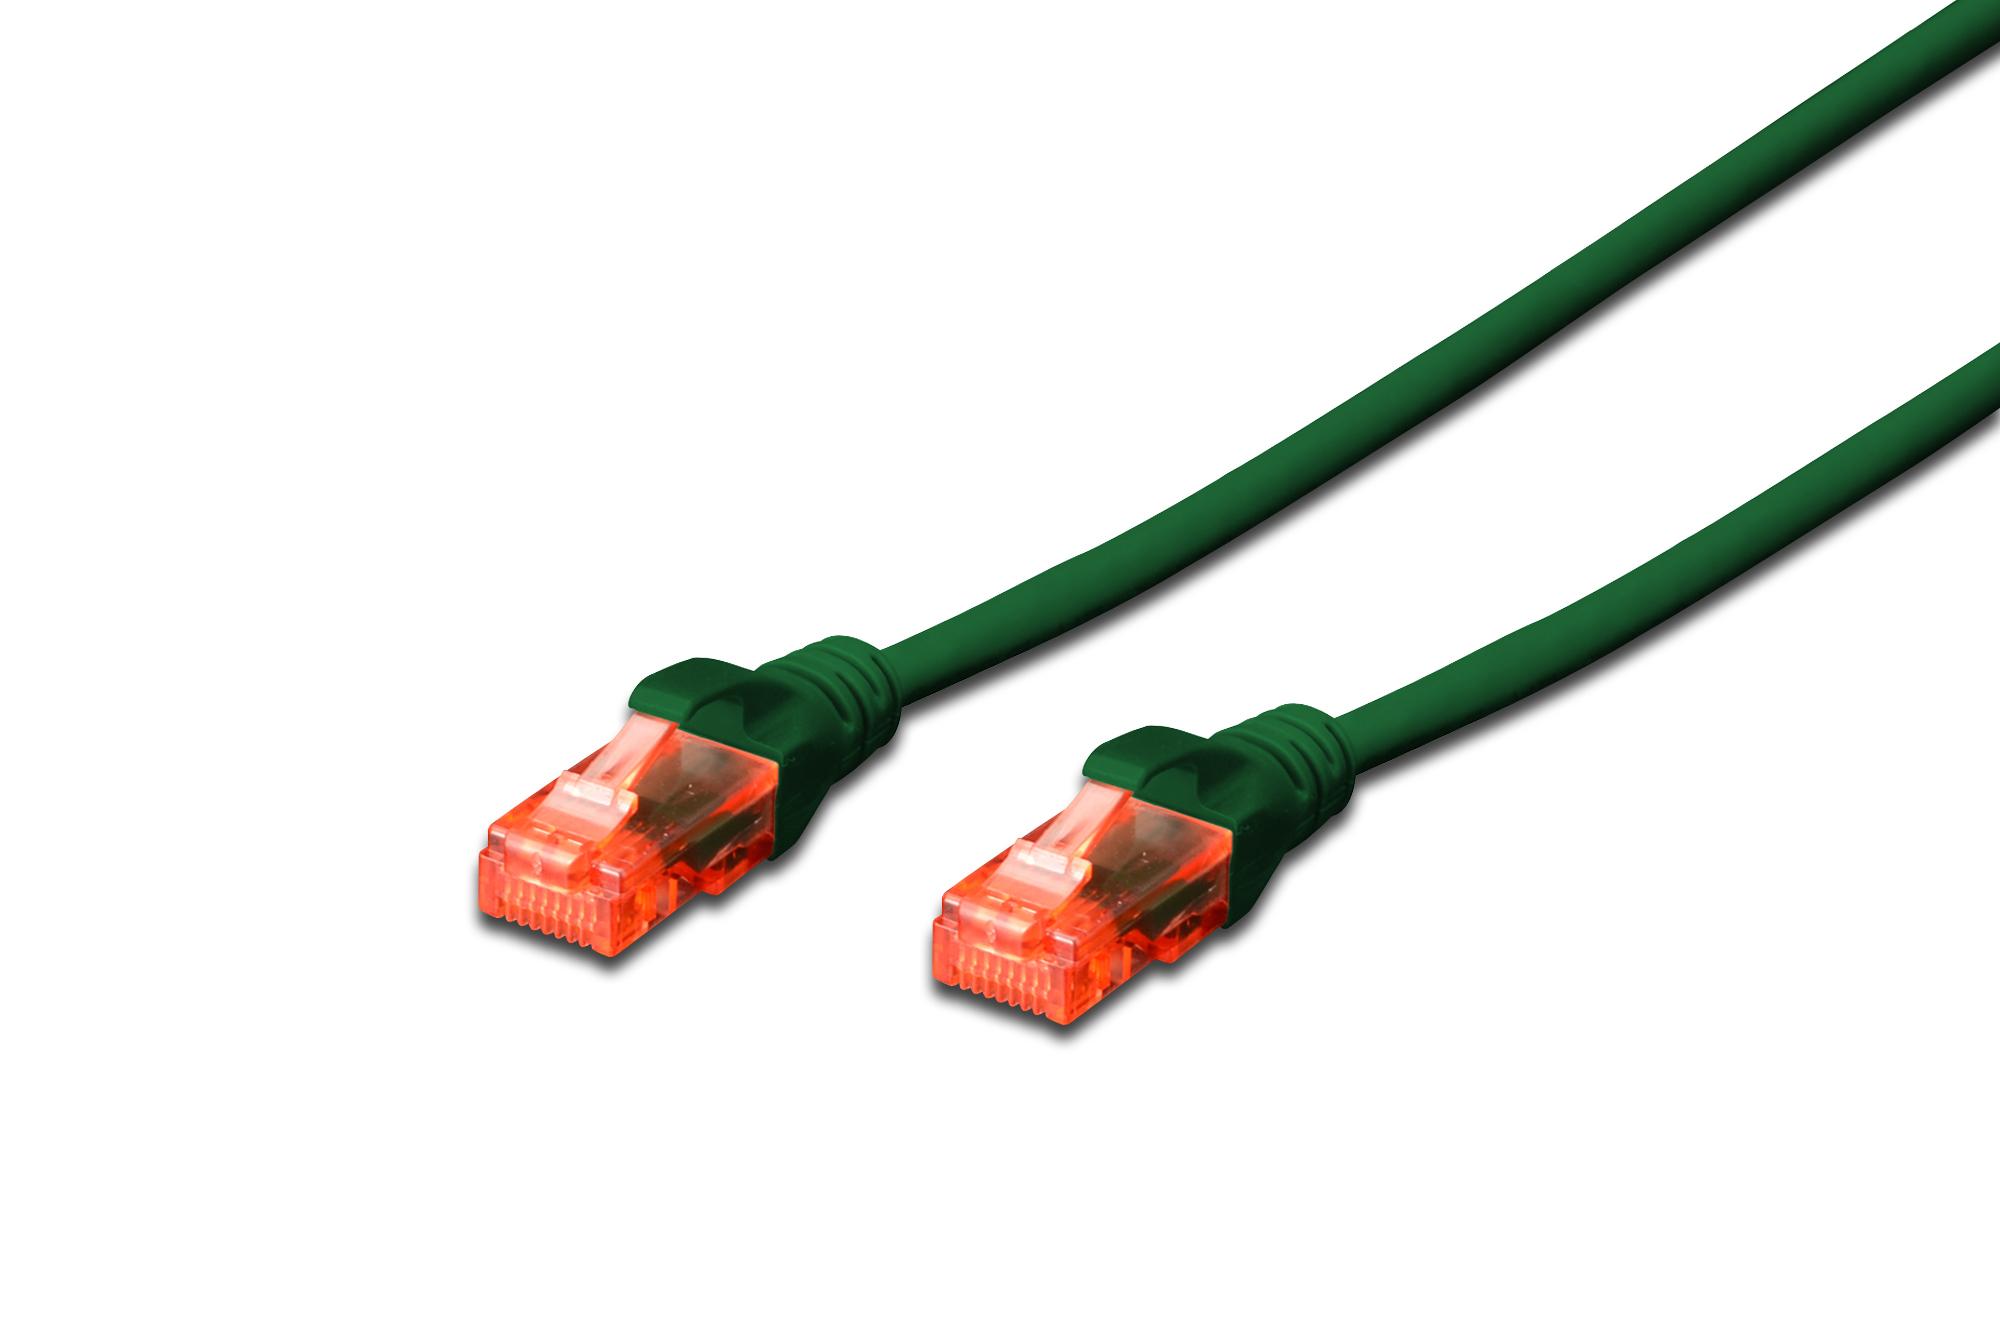 Digitus 1.5m Cat6 U/UTP networking cable U/UTP (UTP) Green